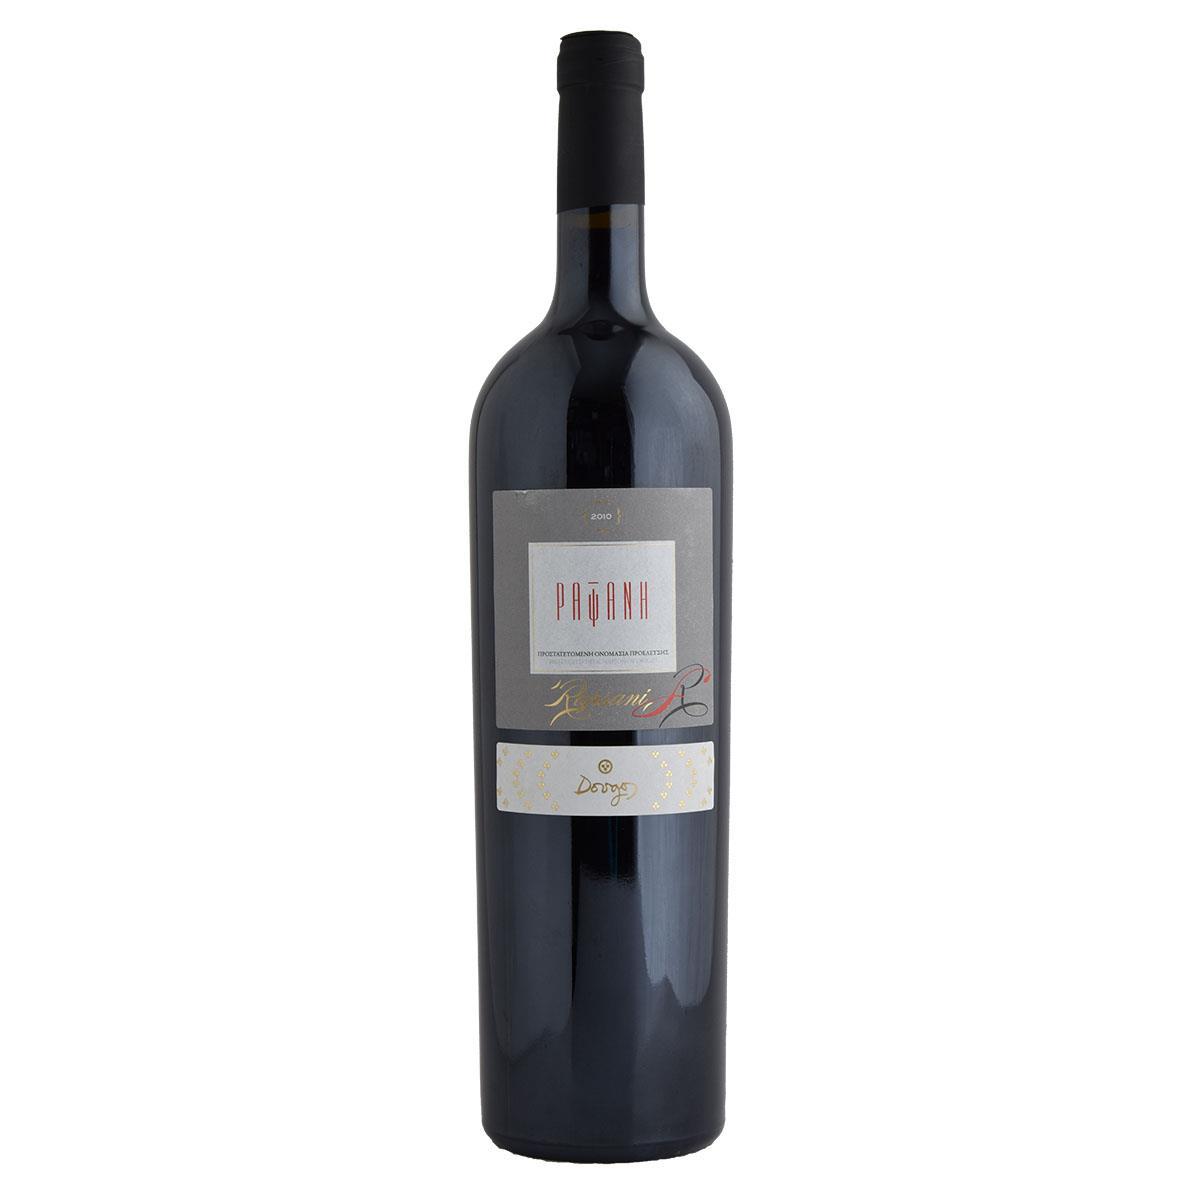 Ντούγκος Ραψάνη Old Vines 2013 1,5lt (σε ξυλοκιβώτιο)